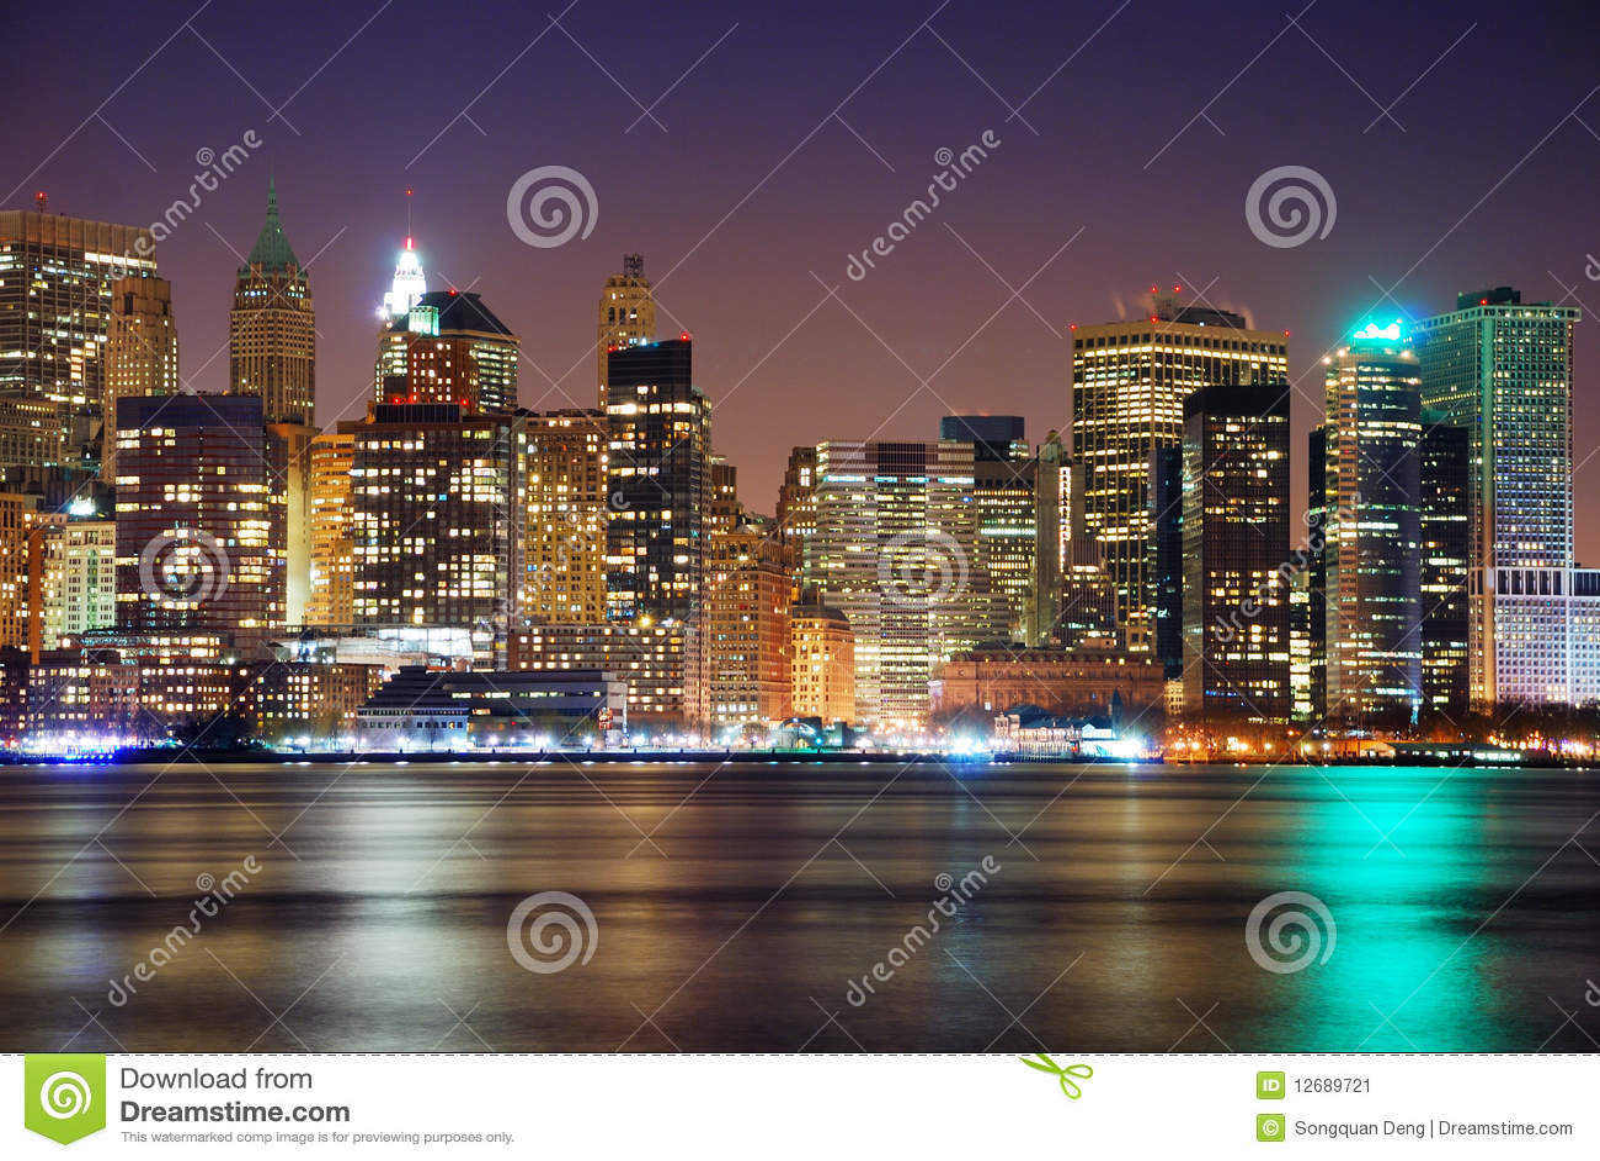 горизонт york панорамы ночи города новый